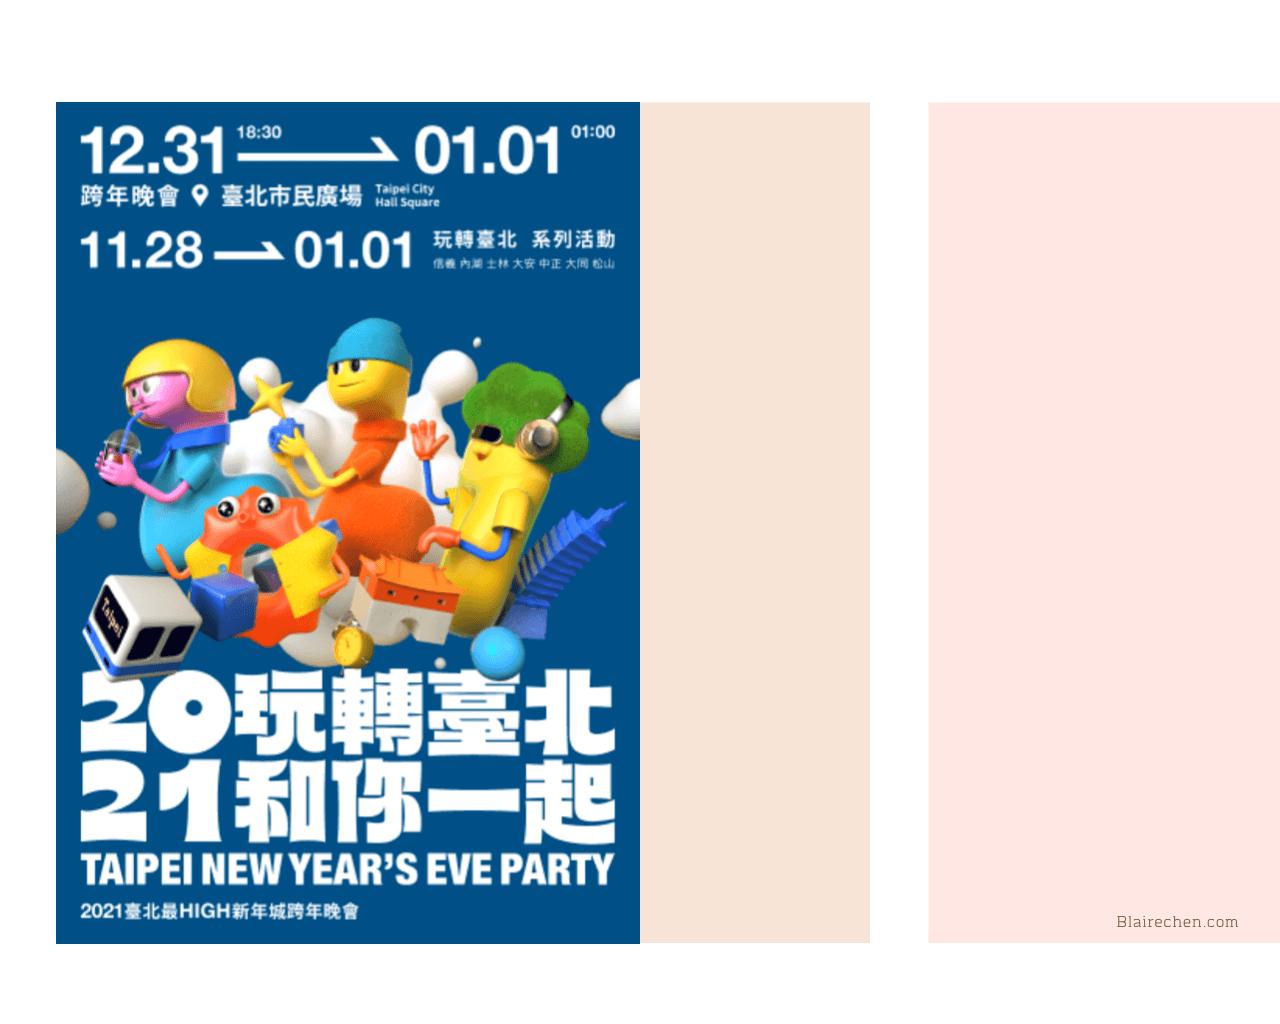 【台灣跨年景點推薦】|迎接第一道曙光!跨年景點懶人包,讓你從煙火到日出,從半夜玩到清晨!